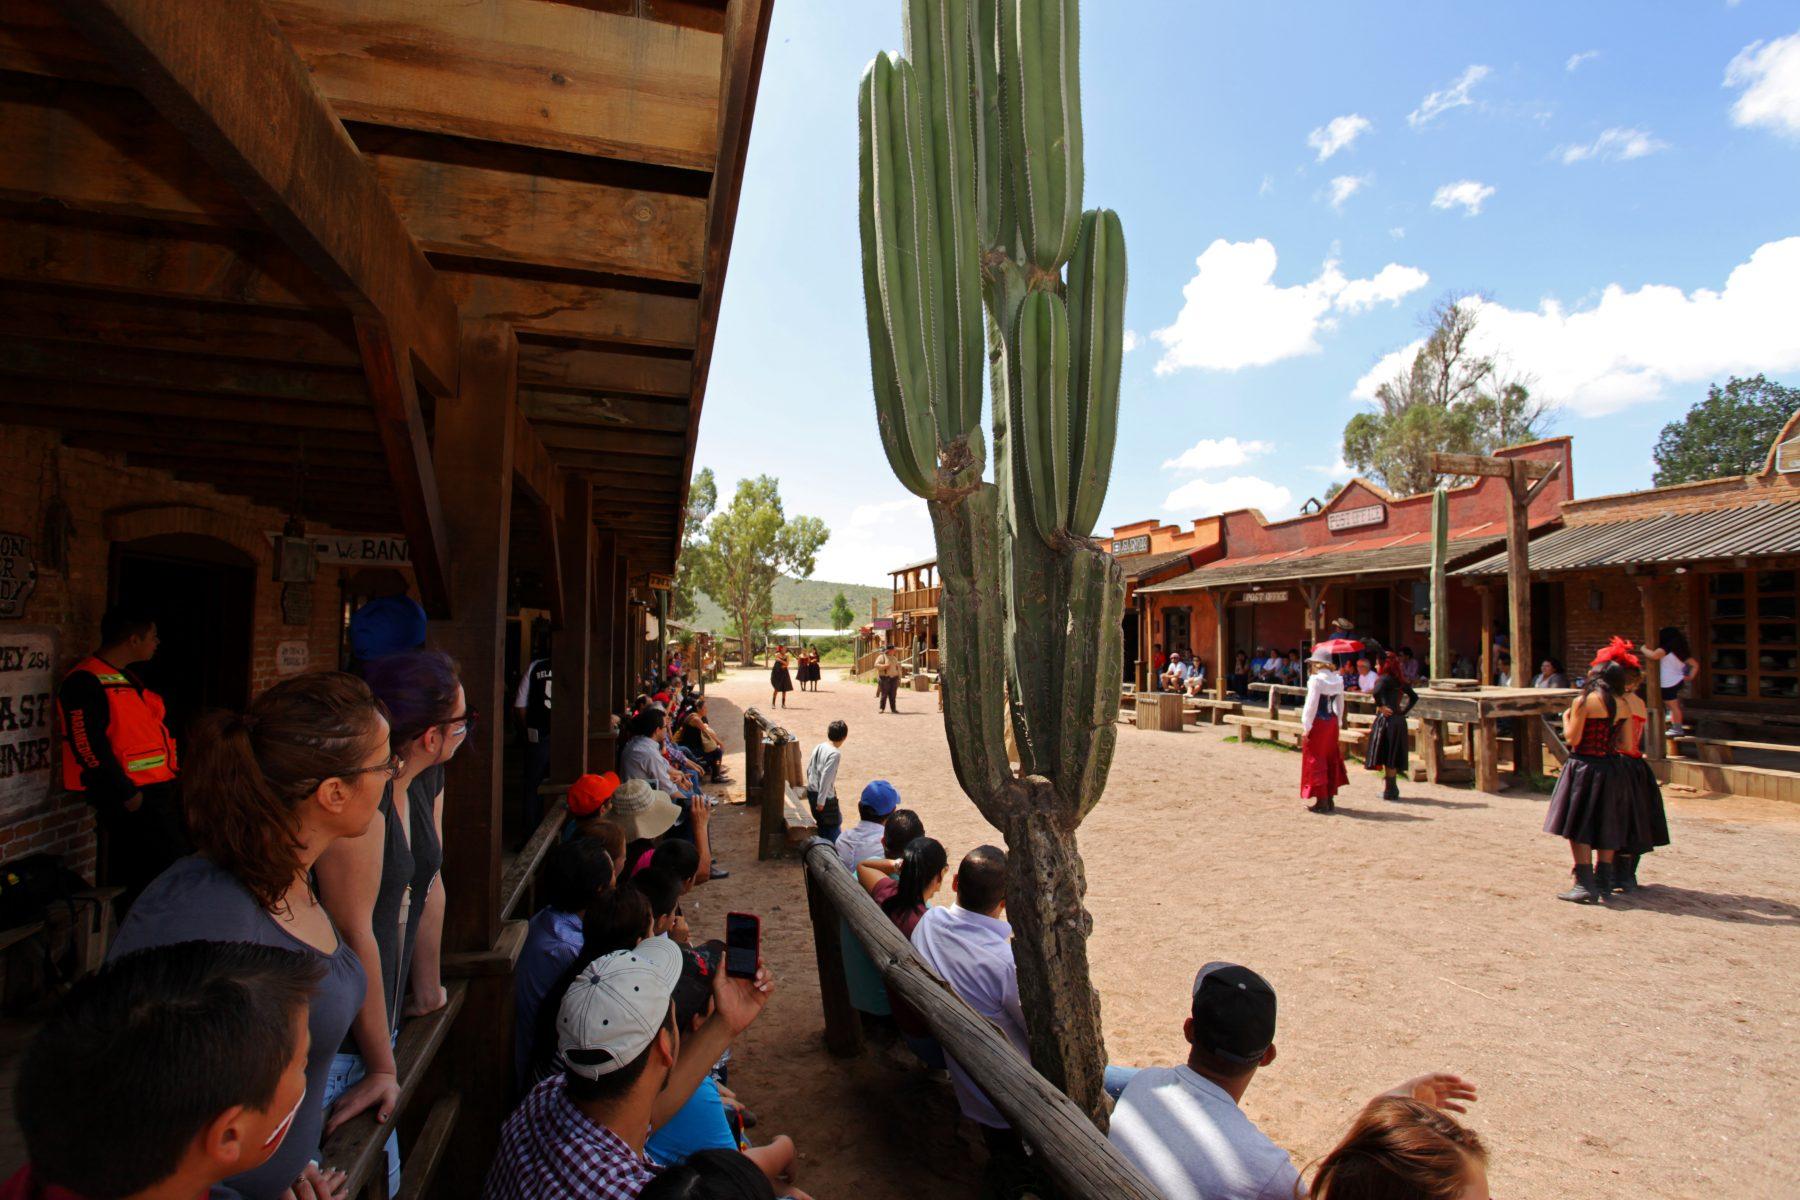 Paseo del viejo oeste durango mexico atractivos